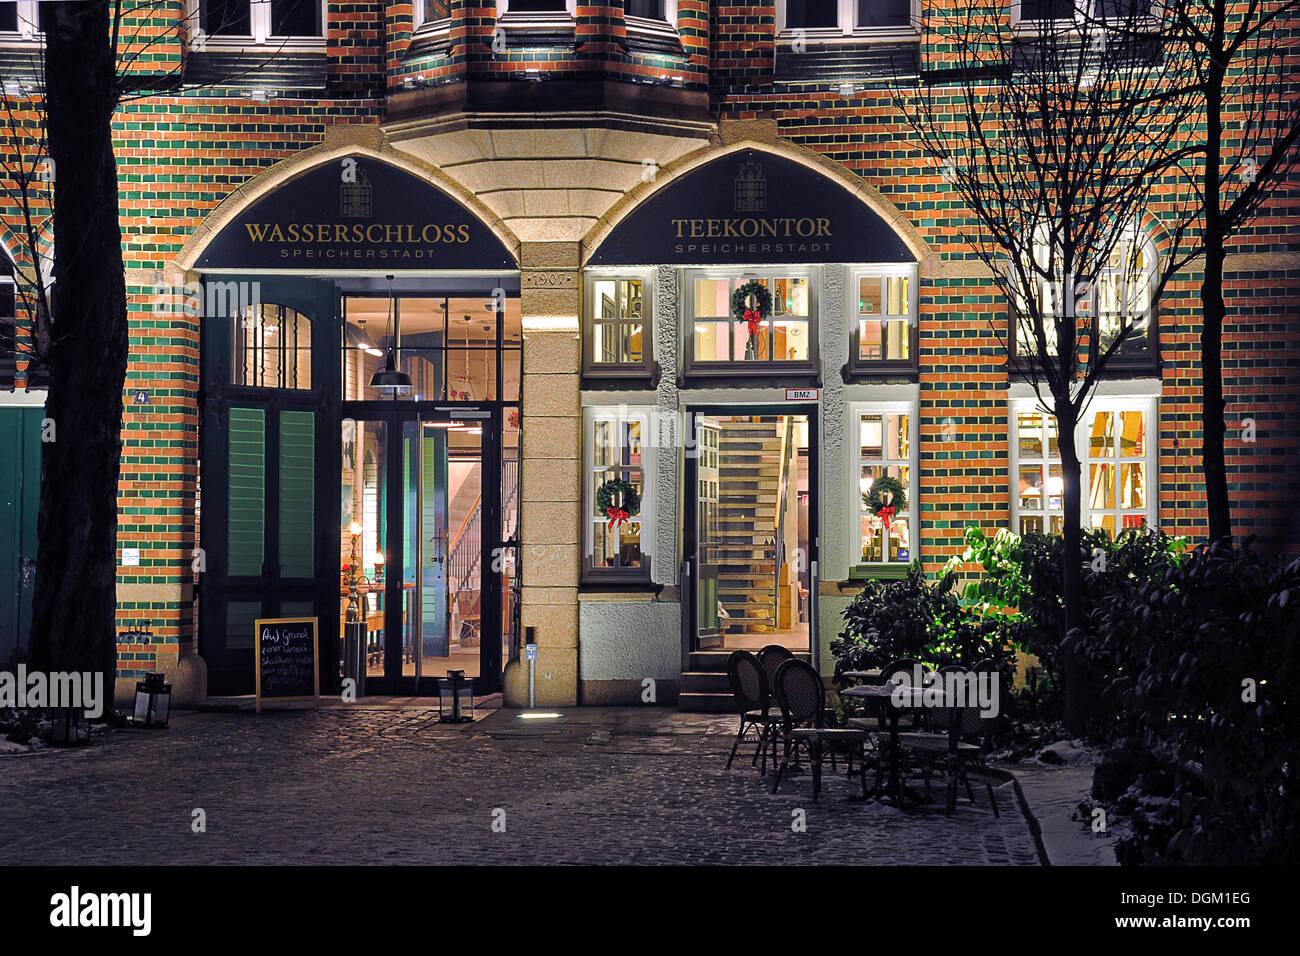 Restaurant Wasserschloss At Speicherstadt Stock Photos